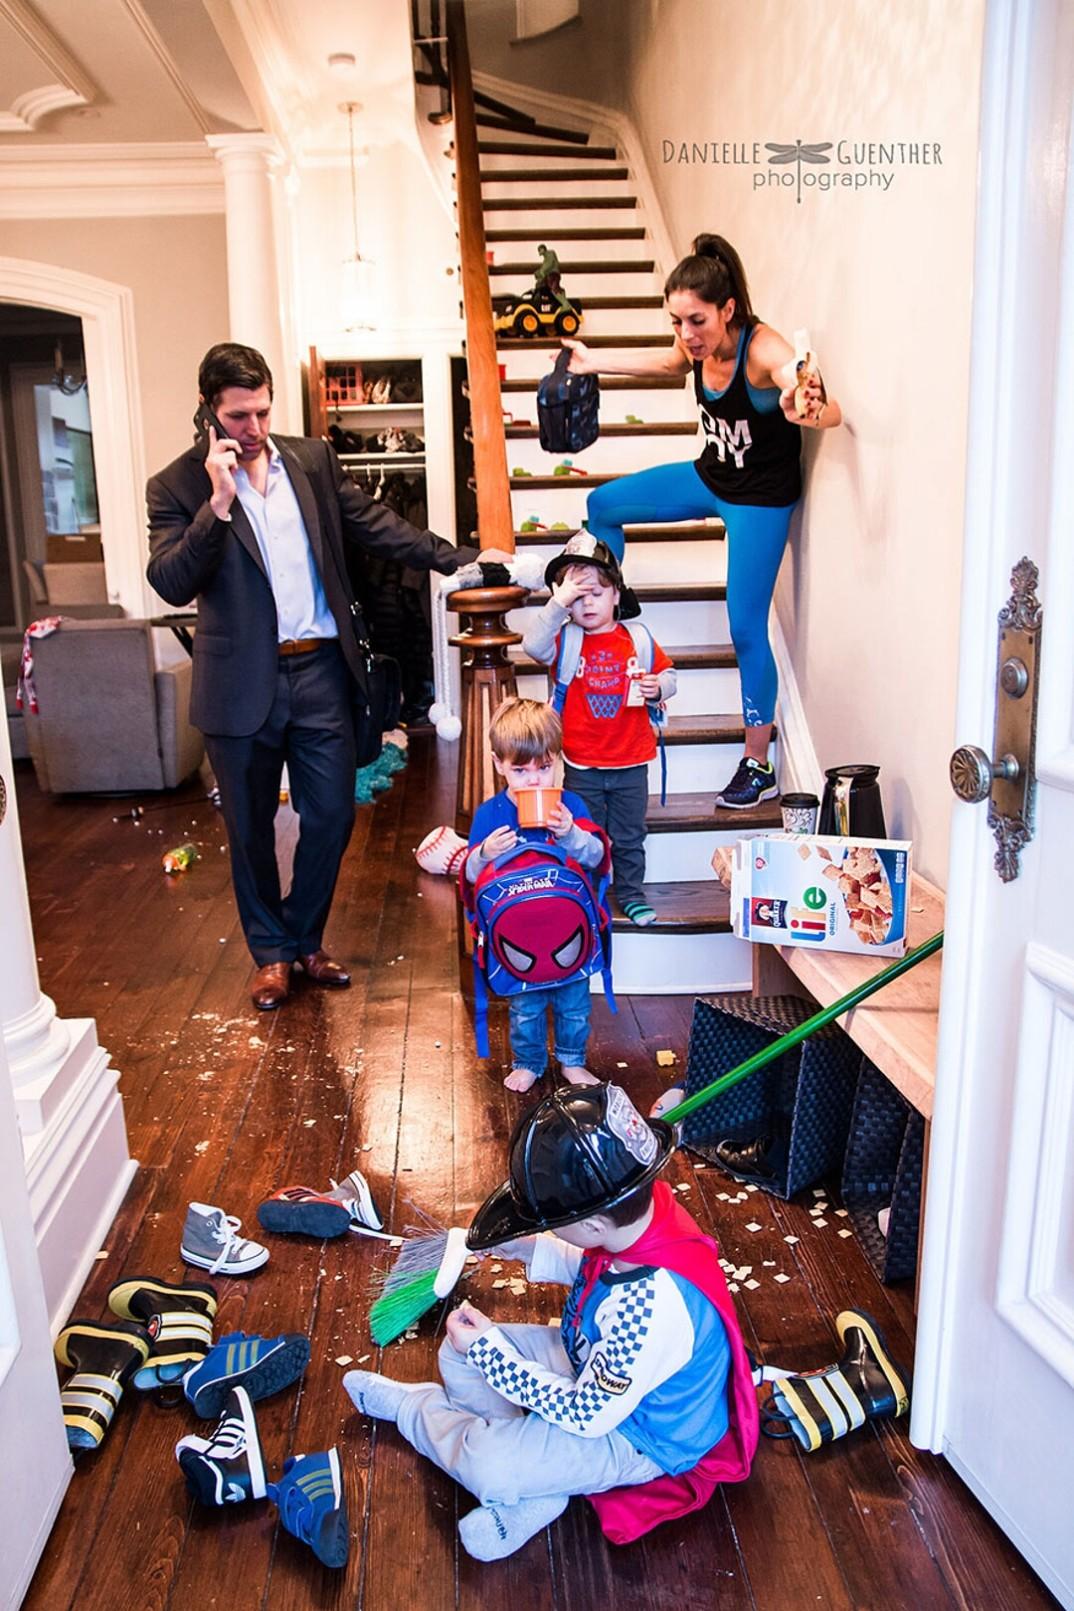 fotografia-famiglia-caos-divertente-10